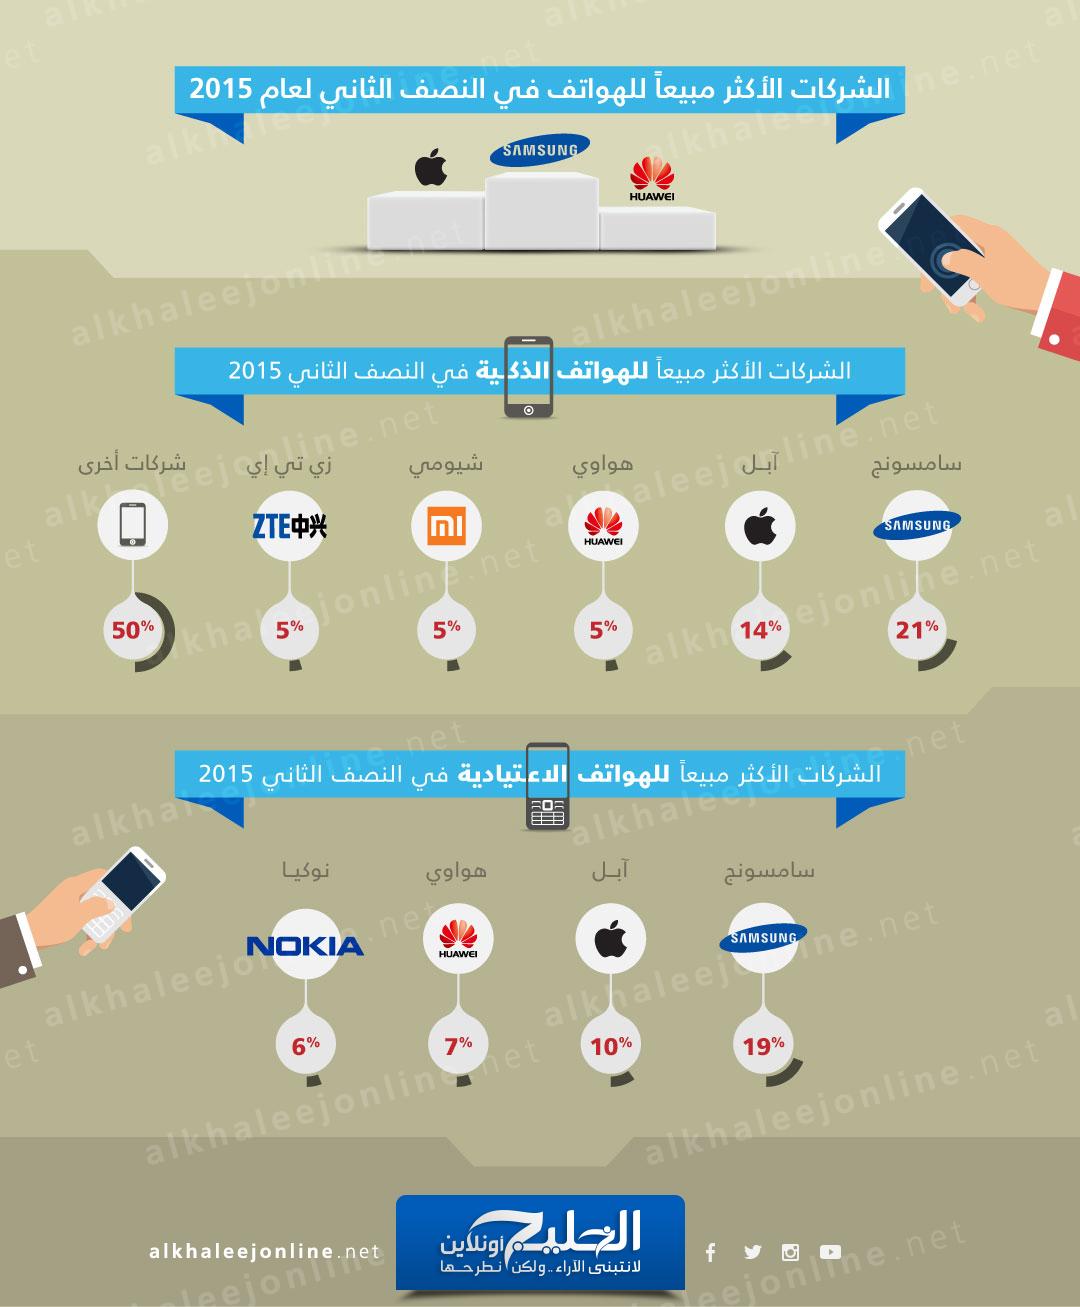 صور :  الشركات الأكثر بيعاً للهواتف النقالة في العالم